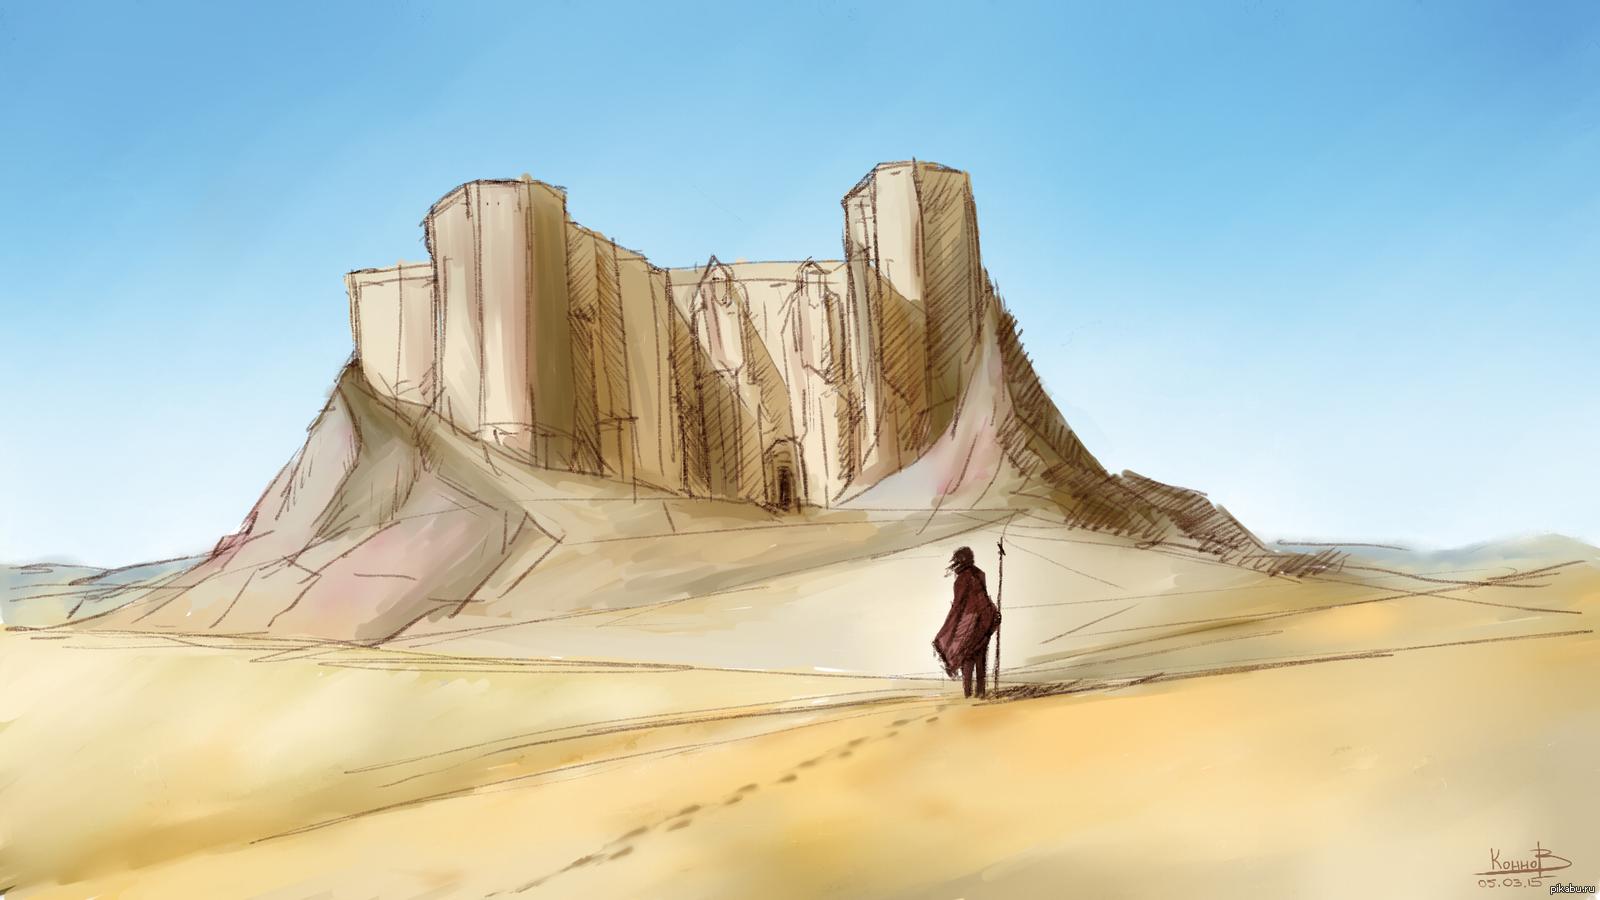 пустынный город рисунок девушка незнакомыми мужчинами